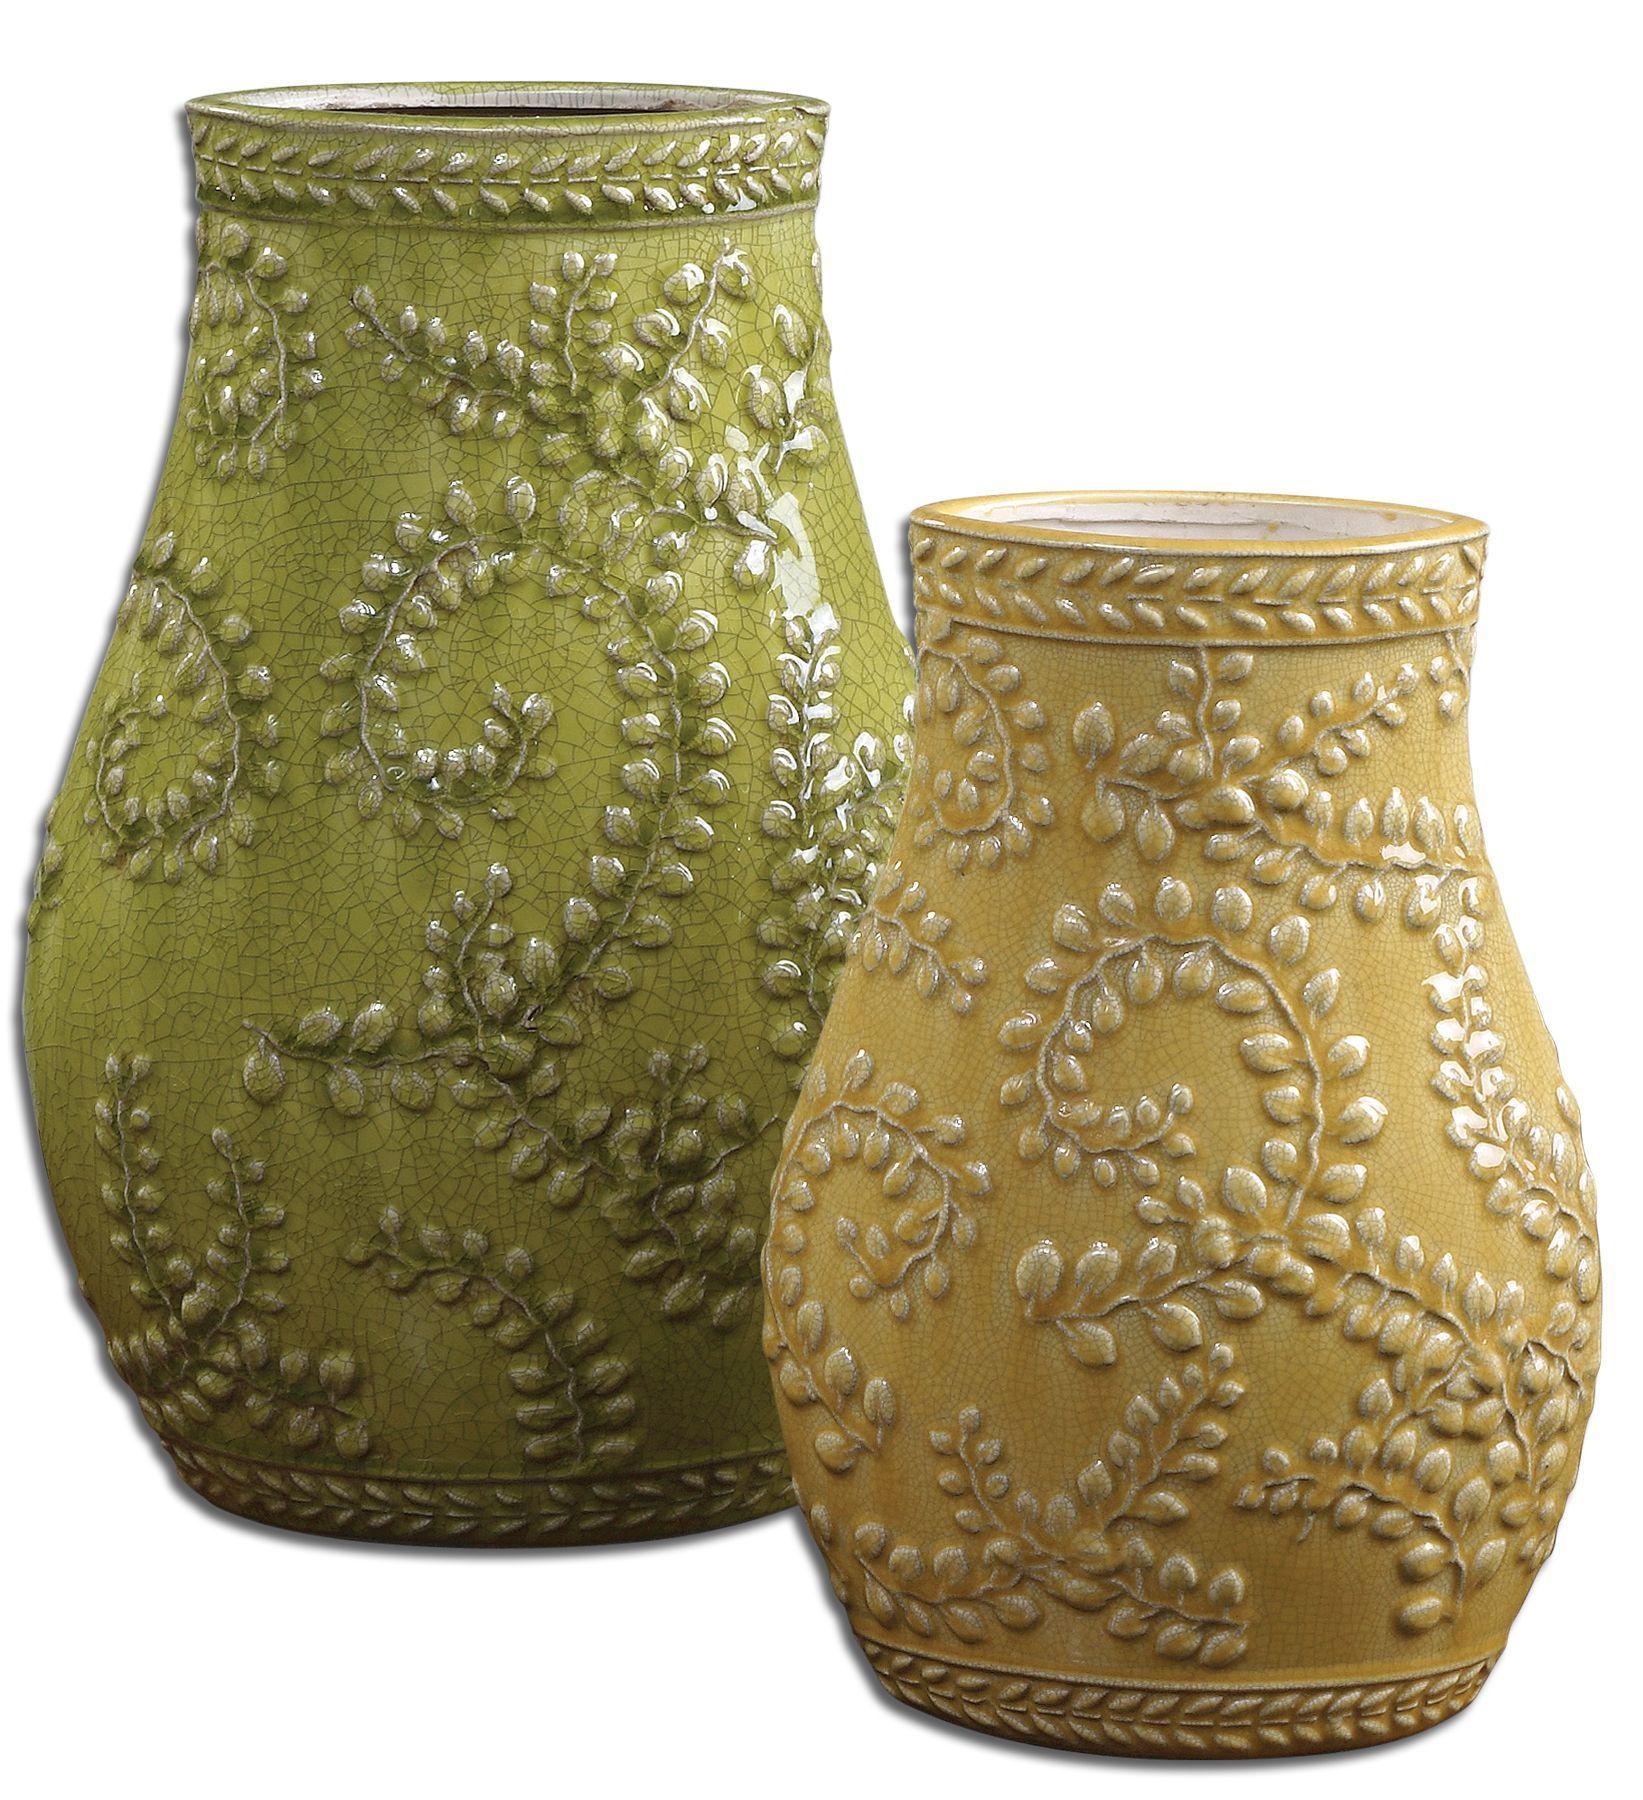 Uttermost Trailing Leaves Ceramic Vases, Set/2 19695